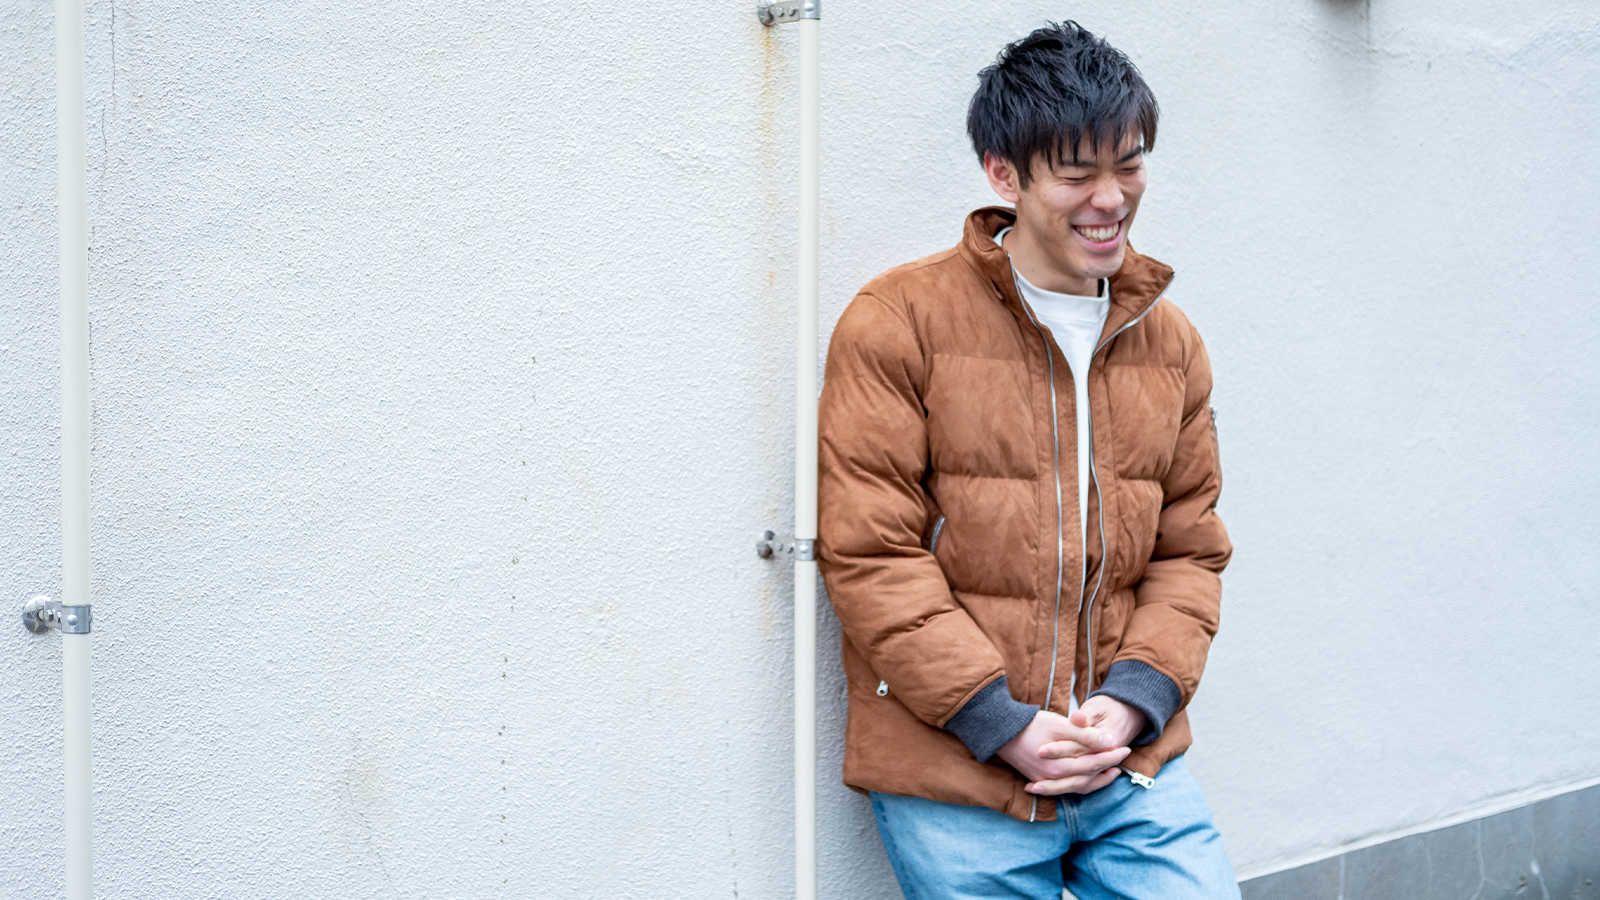 名もなき日本語教師が、一夜にして中国の大スターに。中国版YouTuber「KOL」のリアル